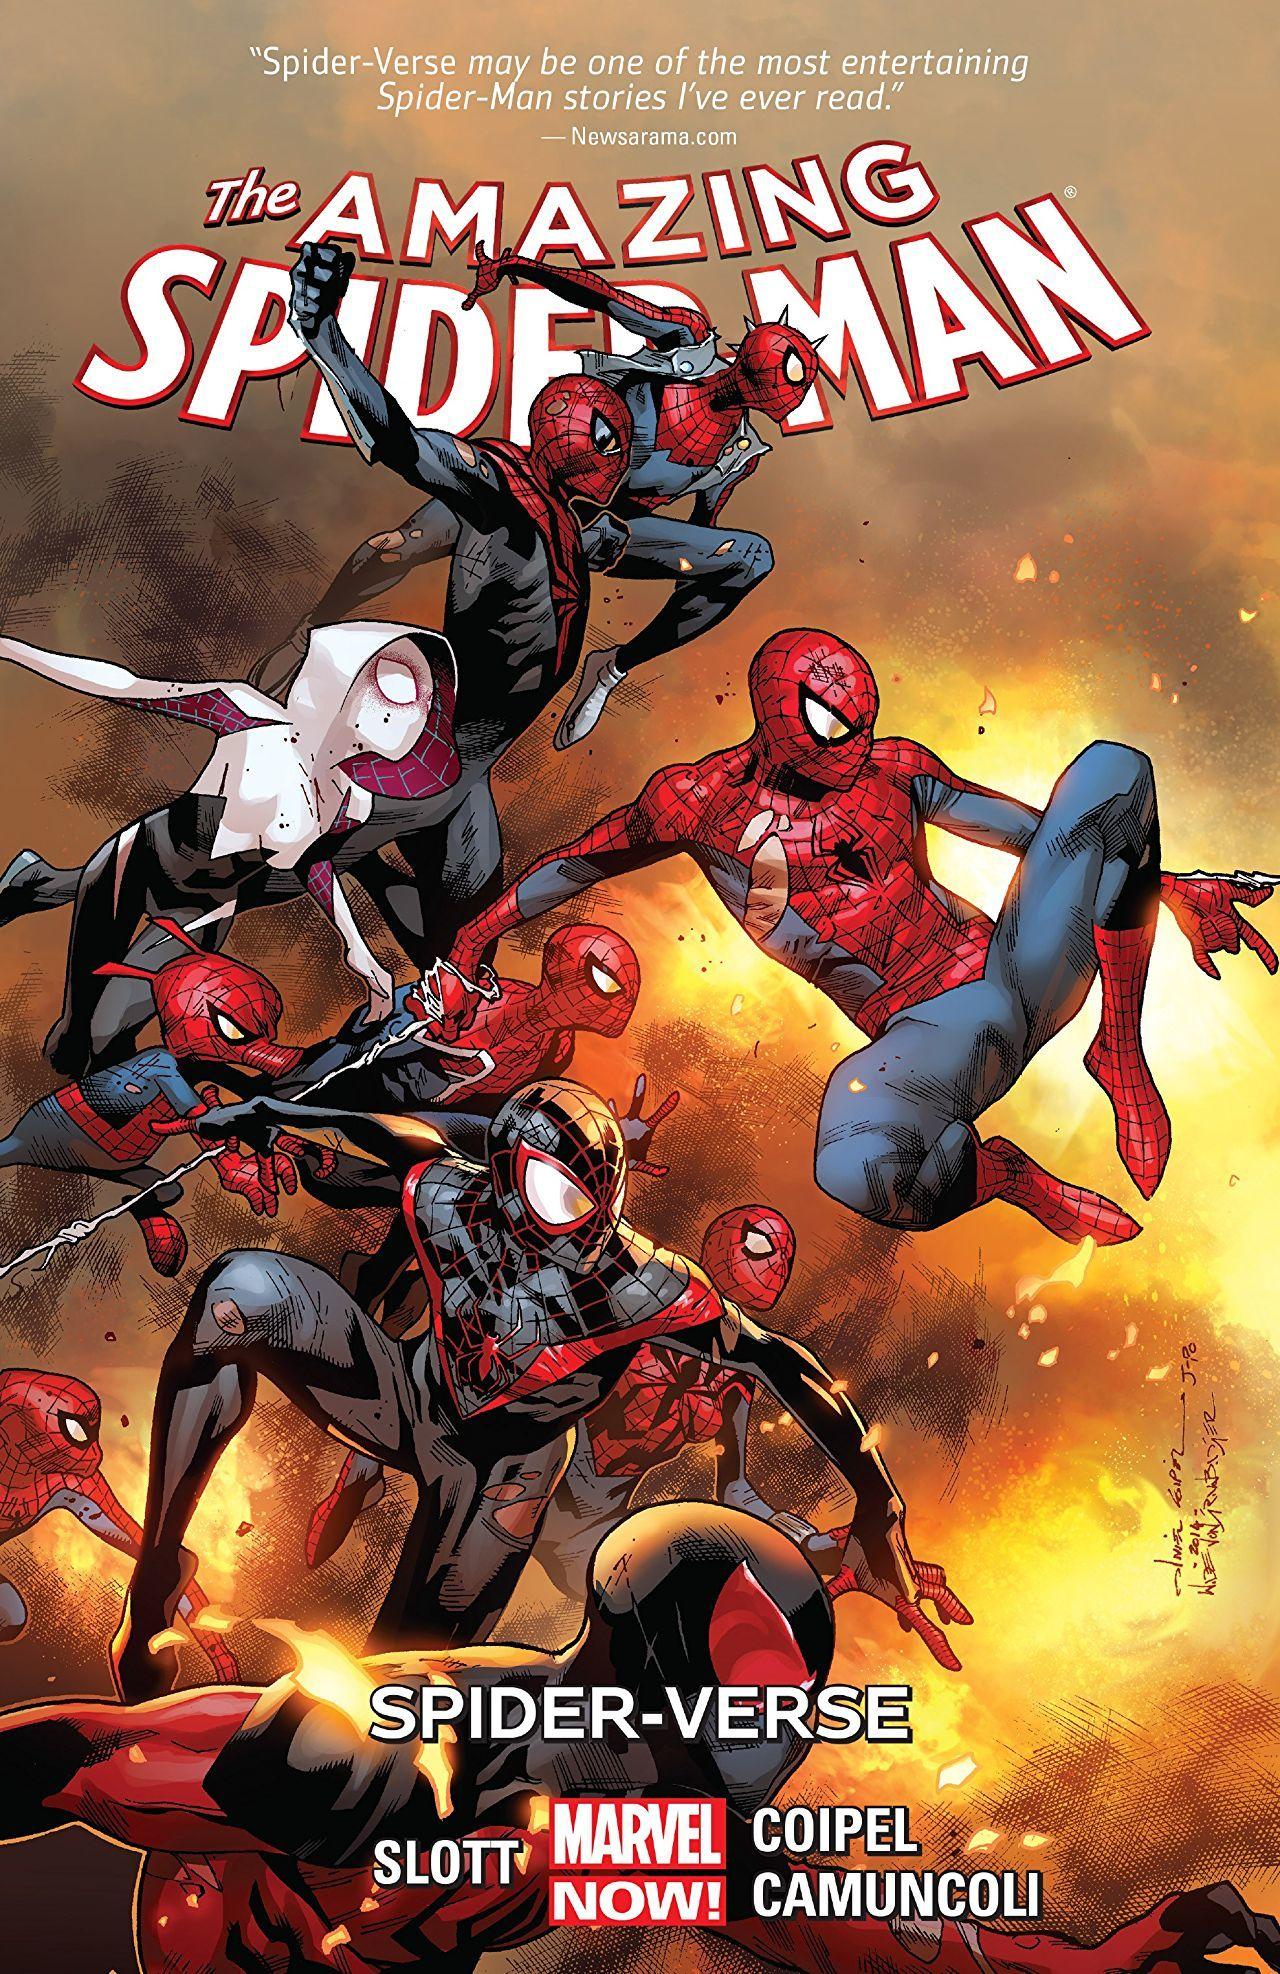 Amazing Spider-Man, Vol. 3: Spider-Verse